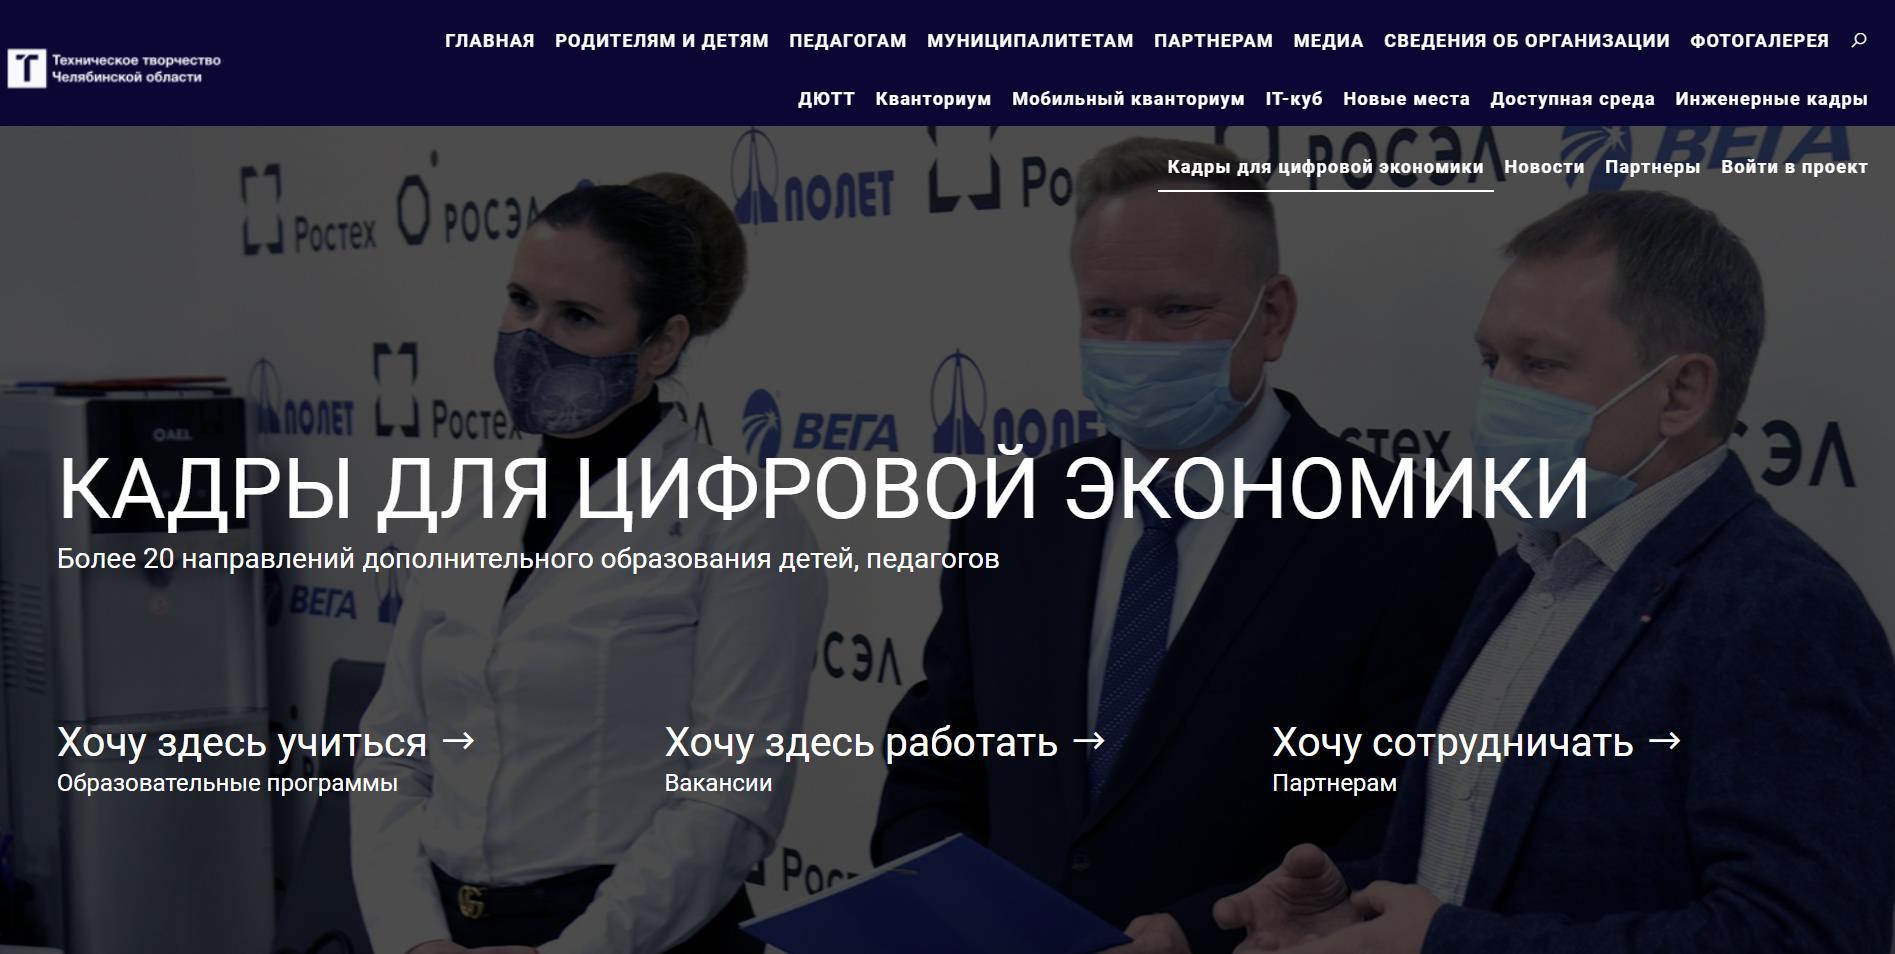 Сайт Кадры для цифровой экономики